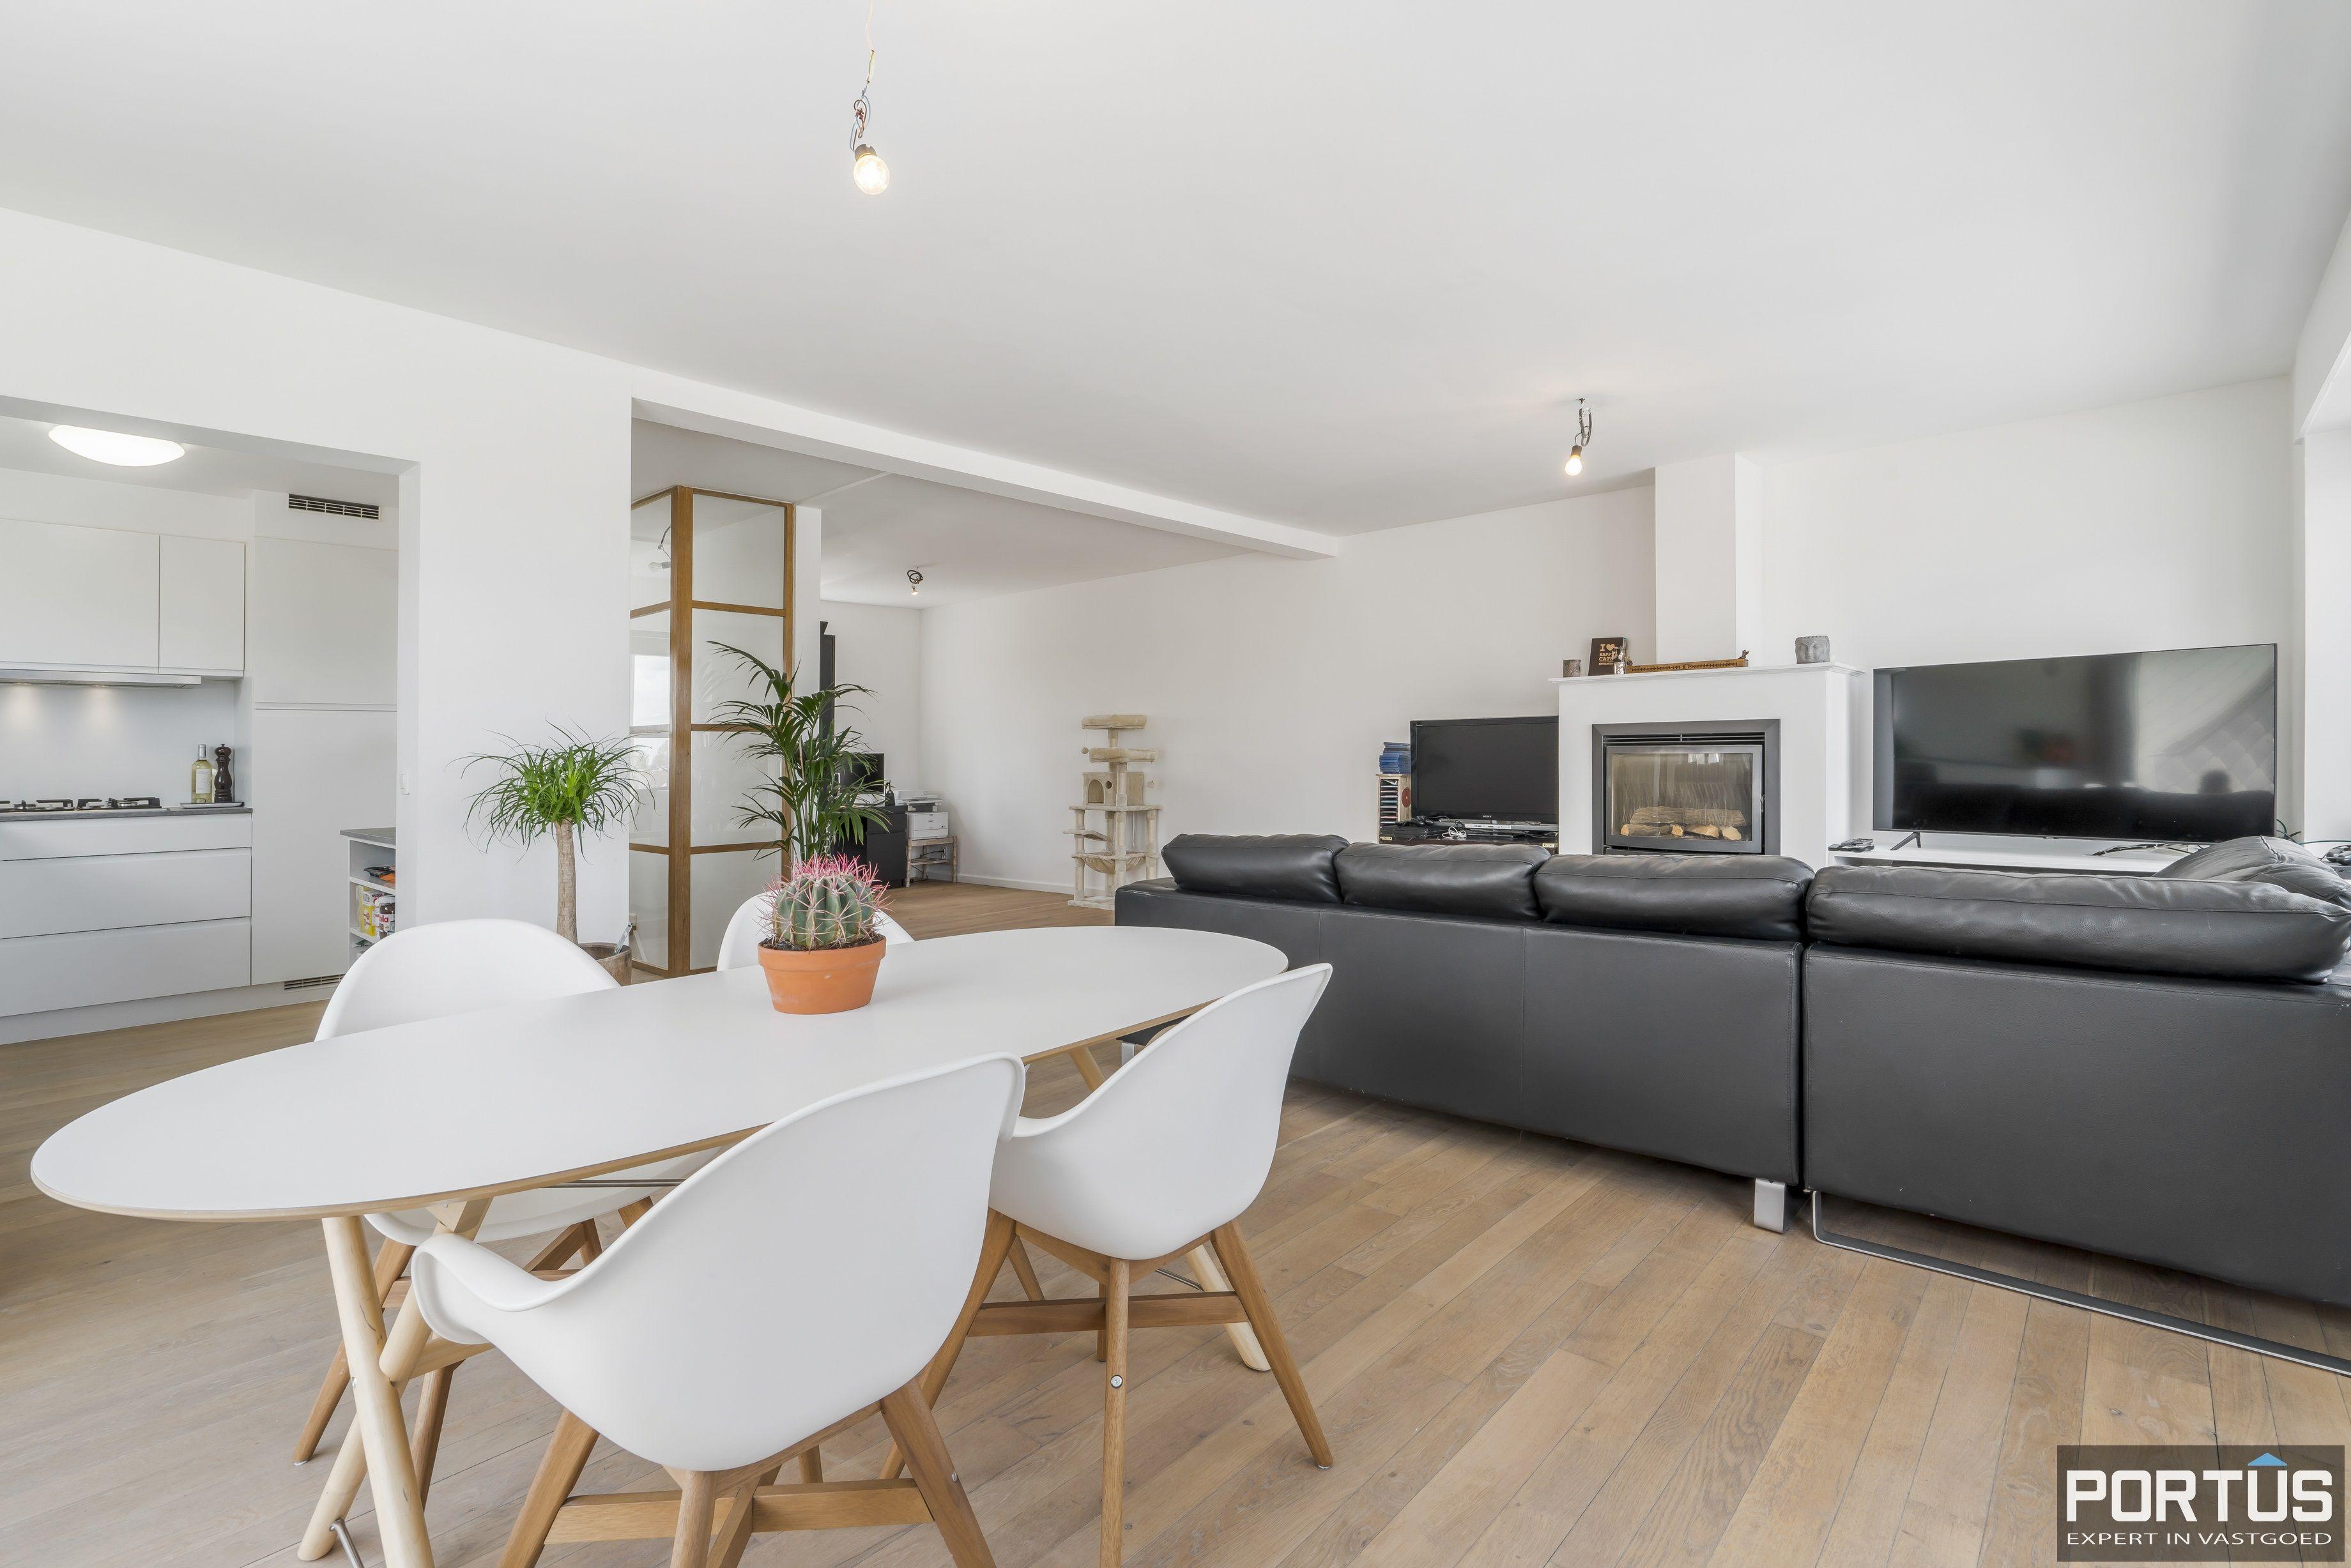 Appartement met 3 slaapkamers te koop te Westende - 12867